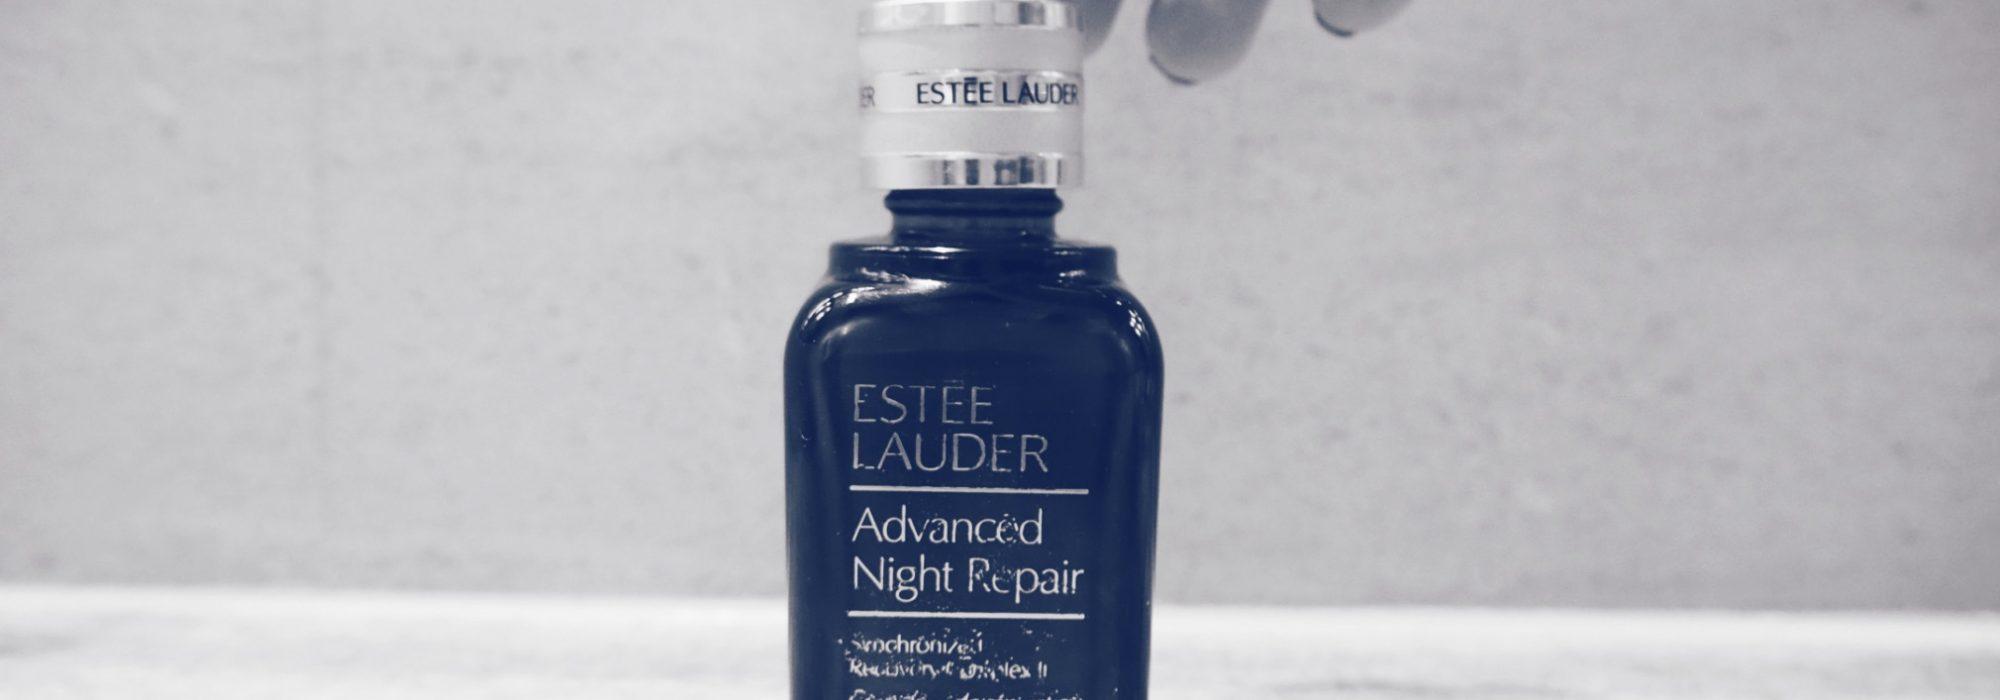 Review: Estée Lauder Advanced Night Repair